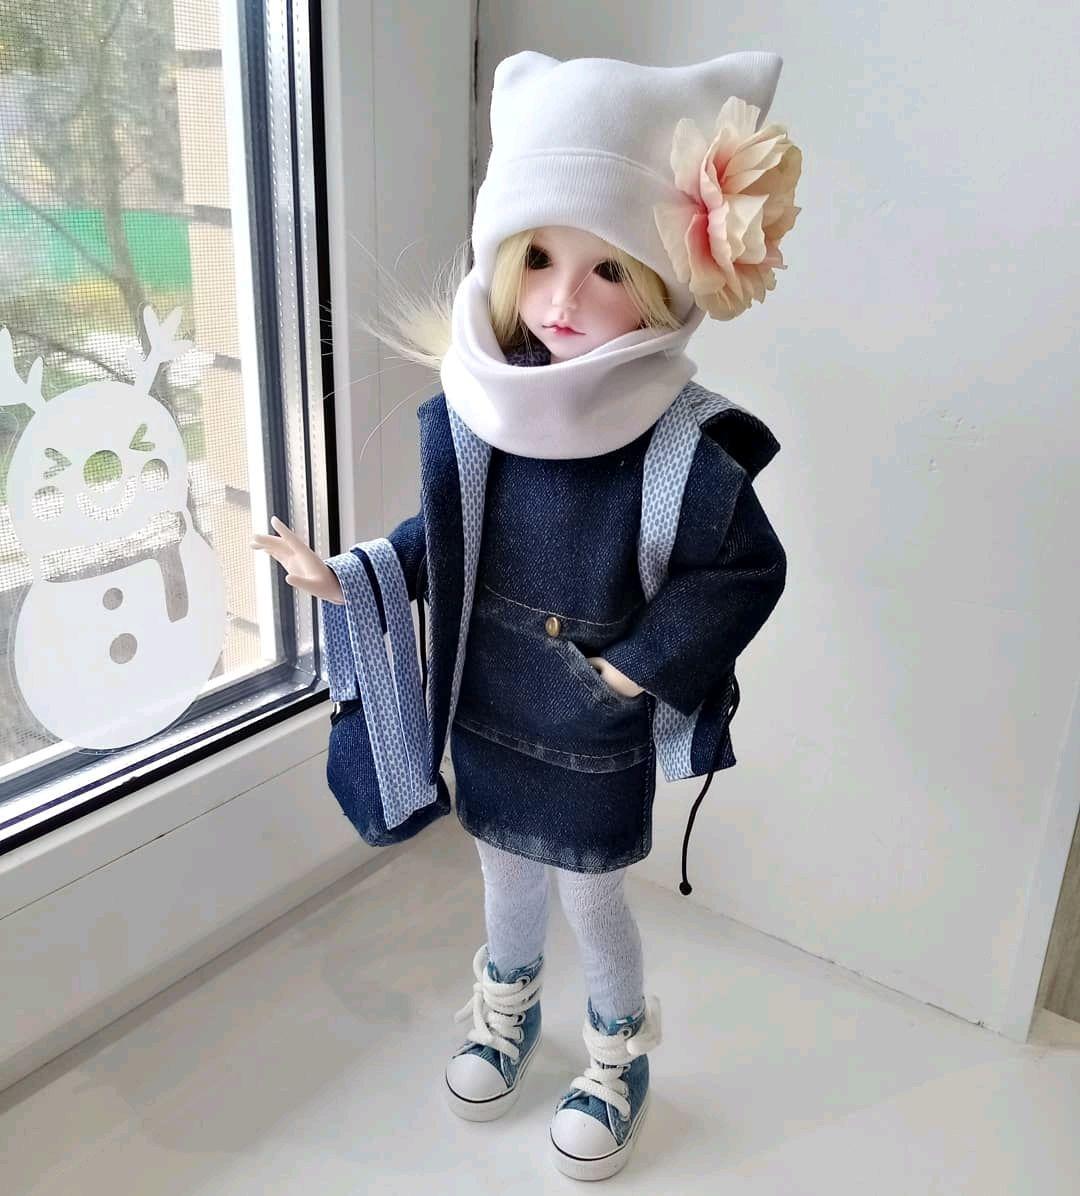 Одежда для куклы 30 см, Одежда для кукол, Голицыно,  Фото №1